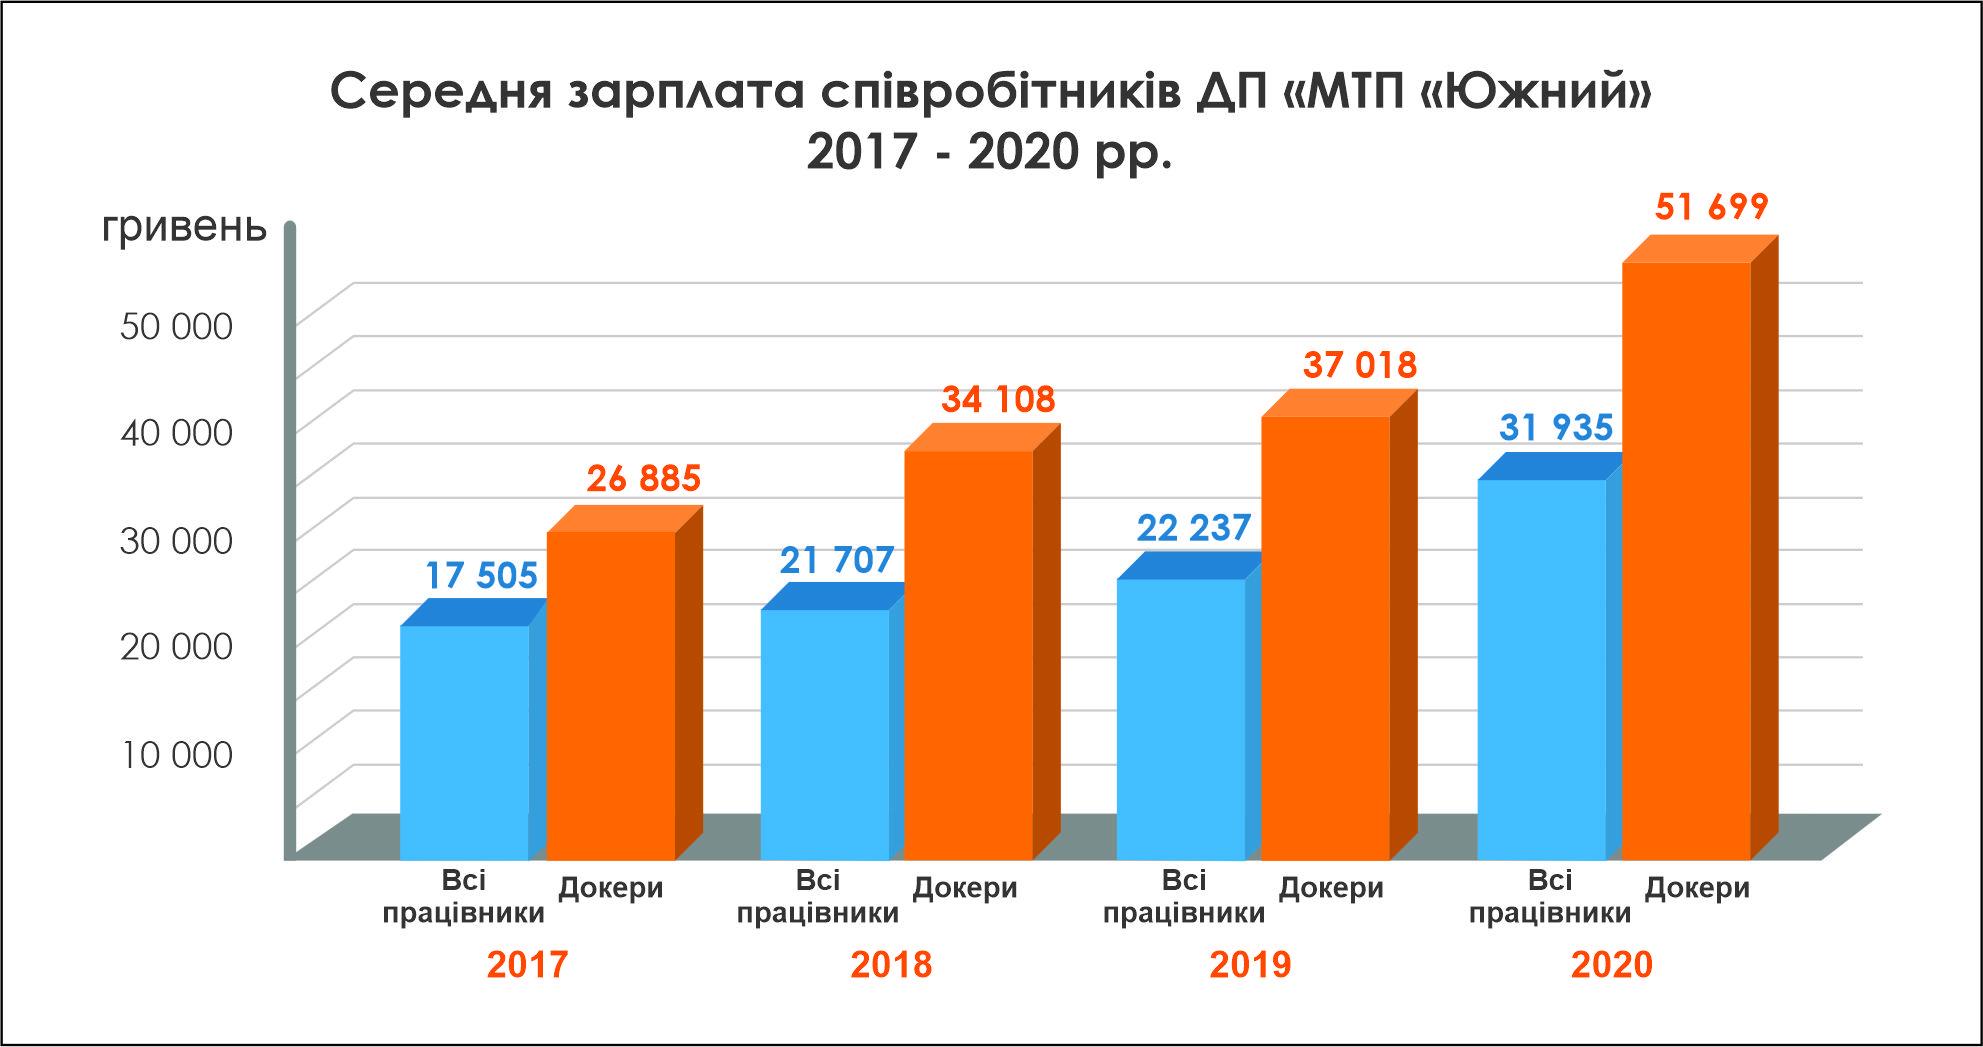 Средняя зарплата укр 2017-2020.jpg (2.01 MB)